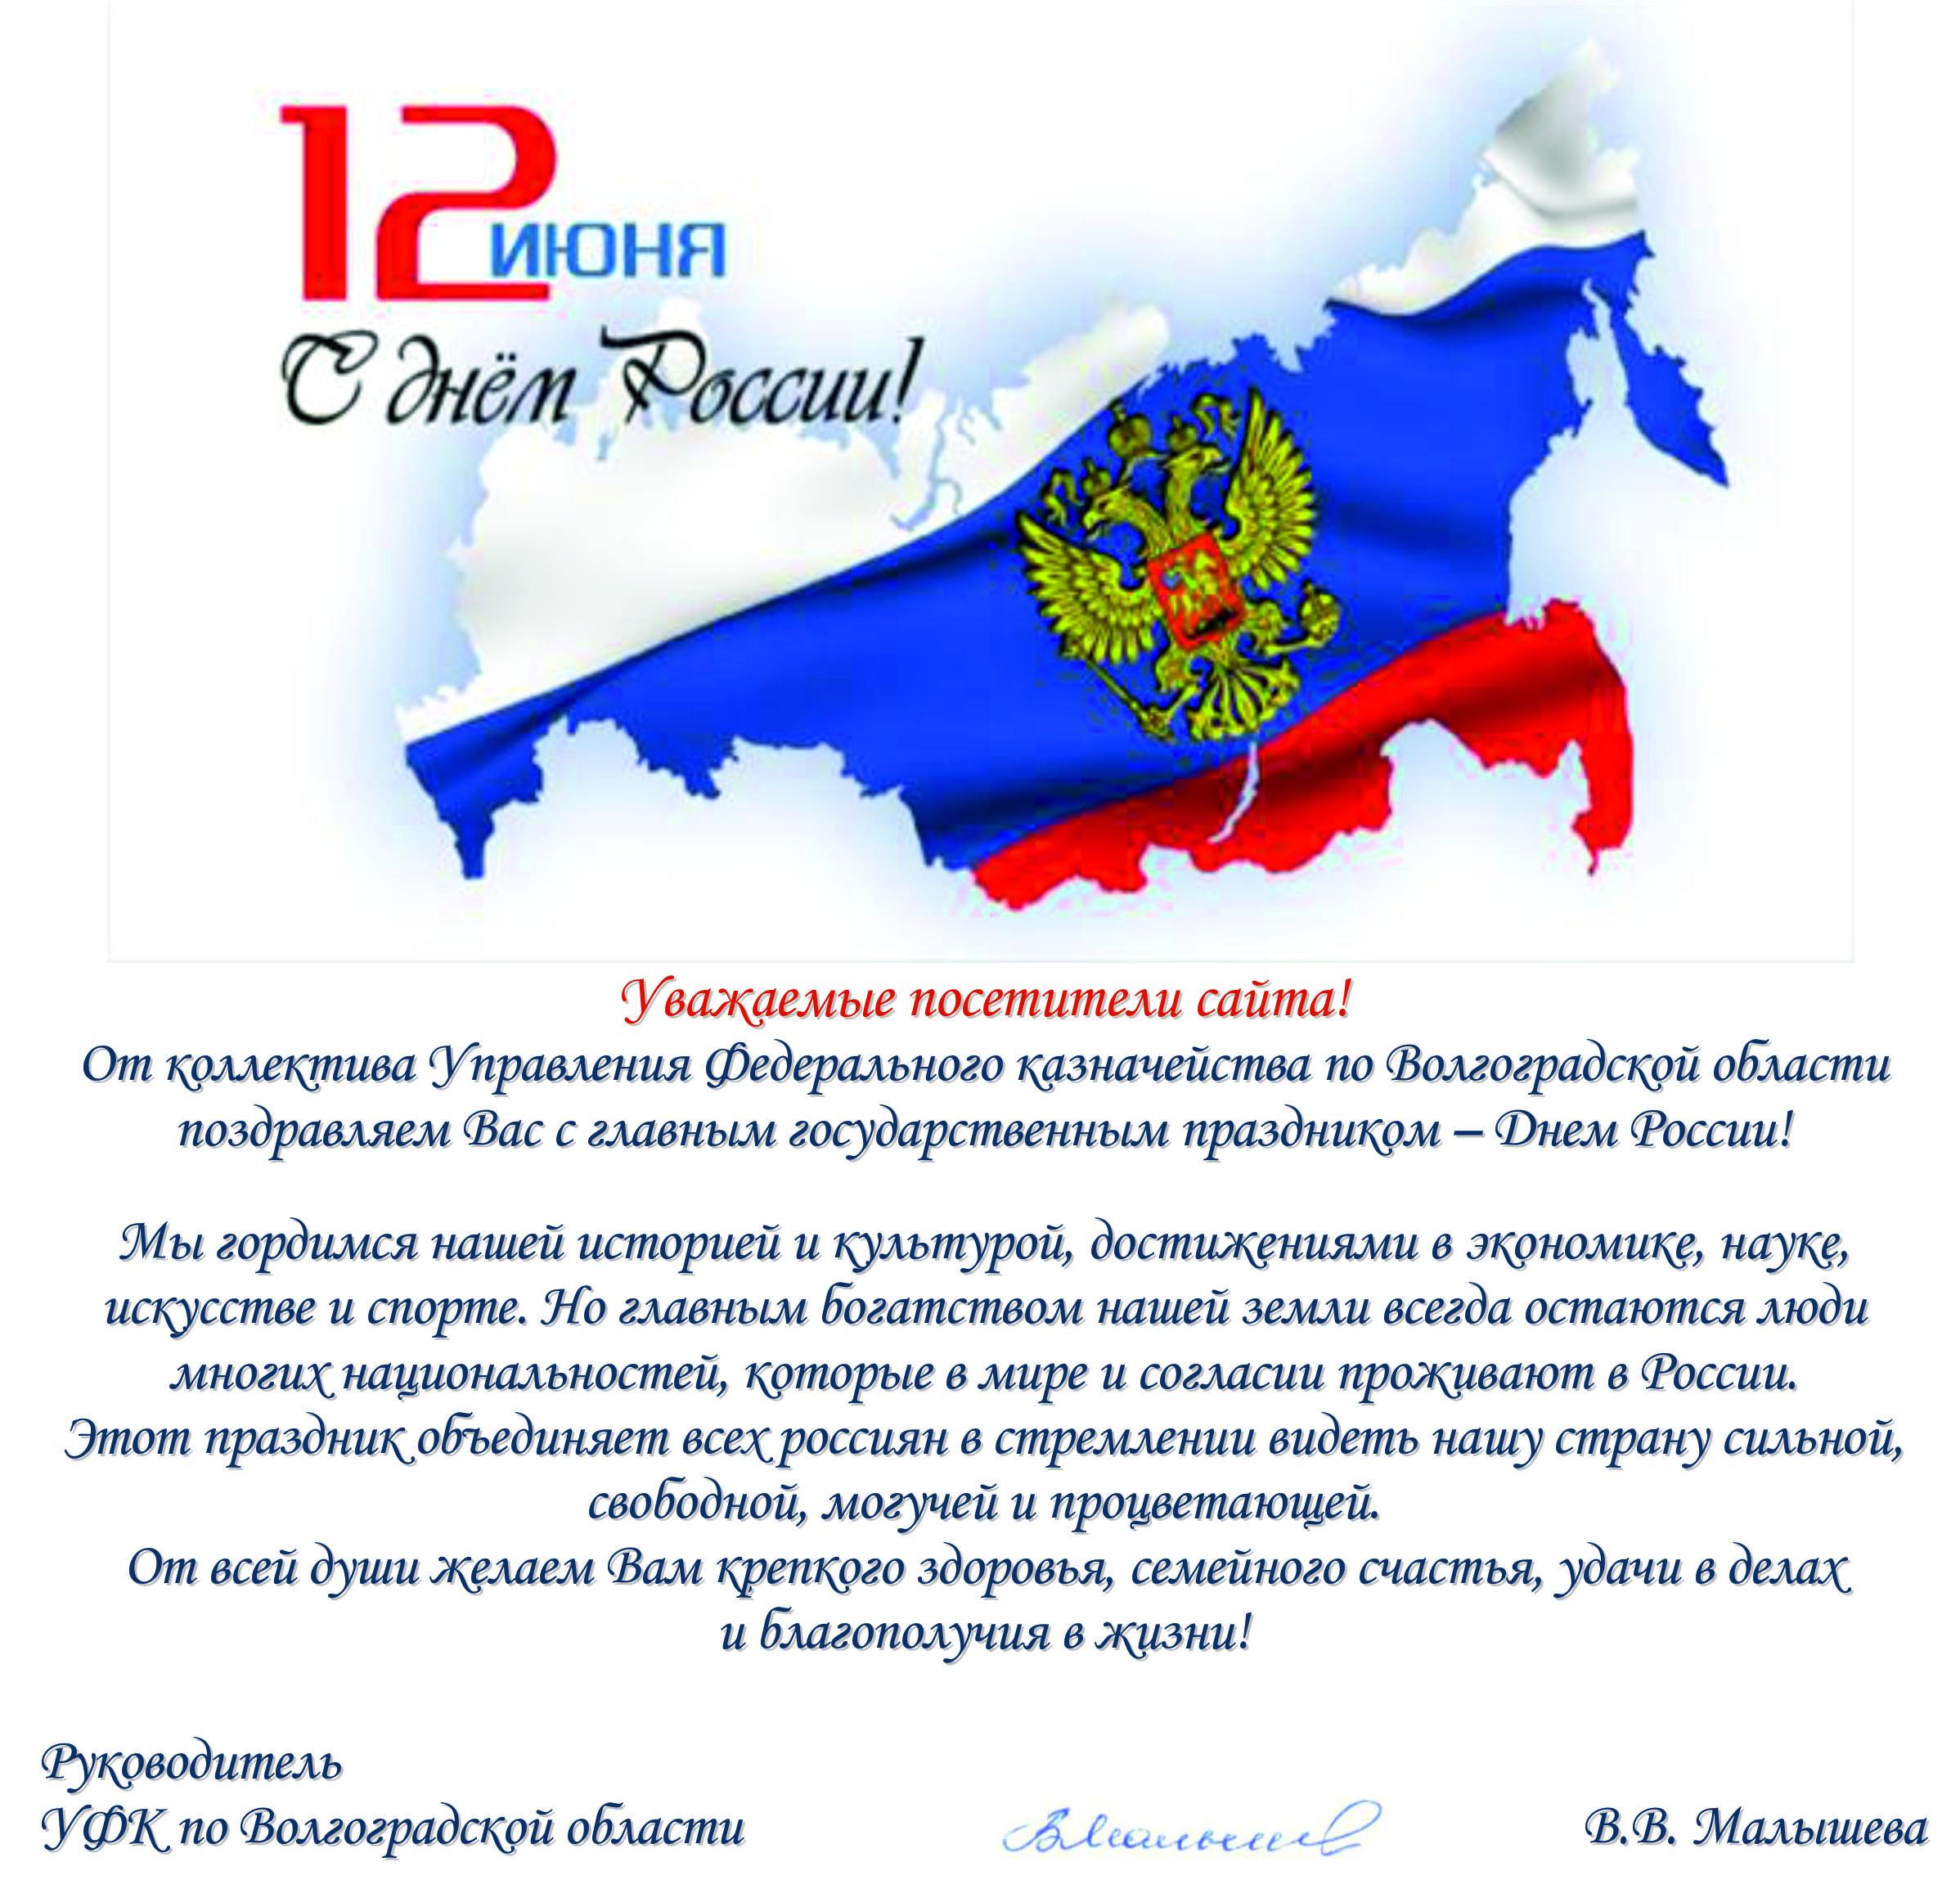 Поздравления глав и губернаторов с днем россии крыма